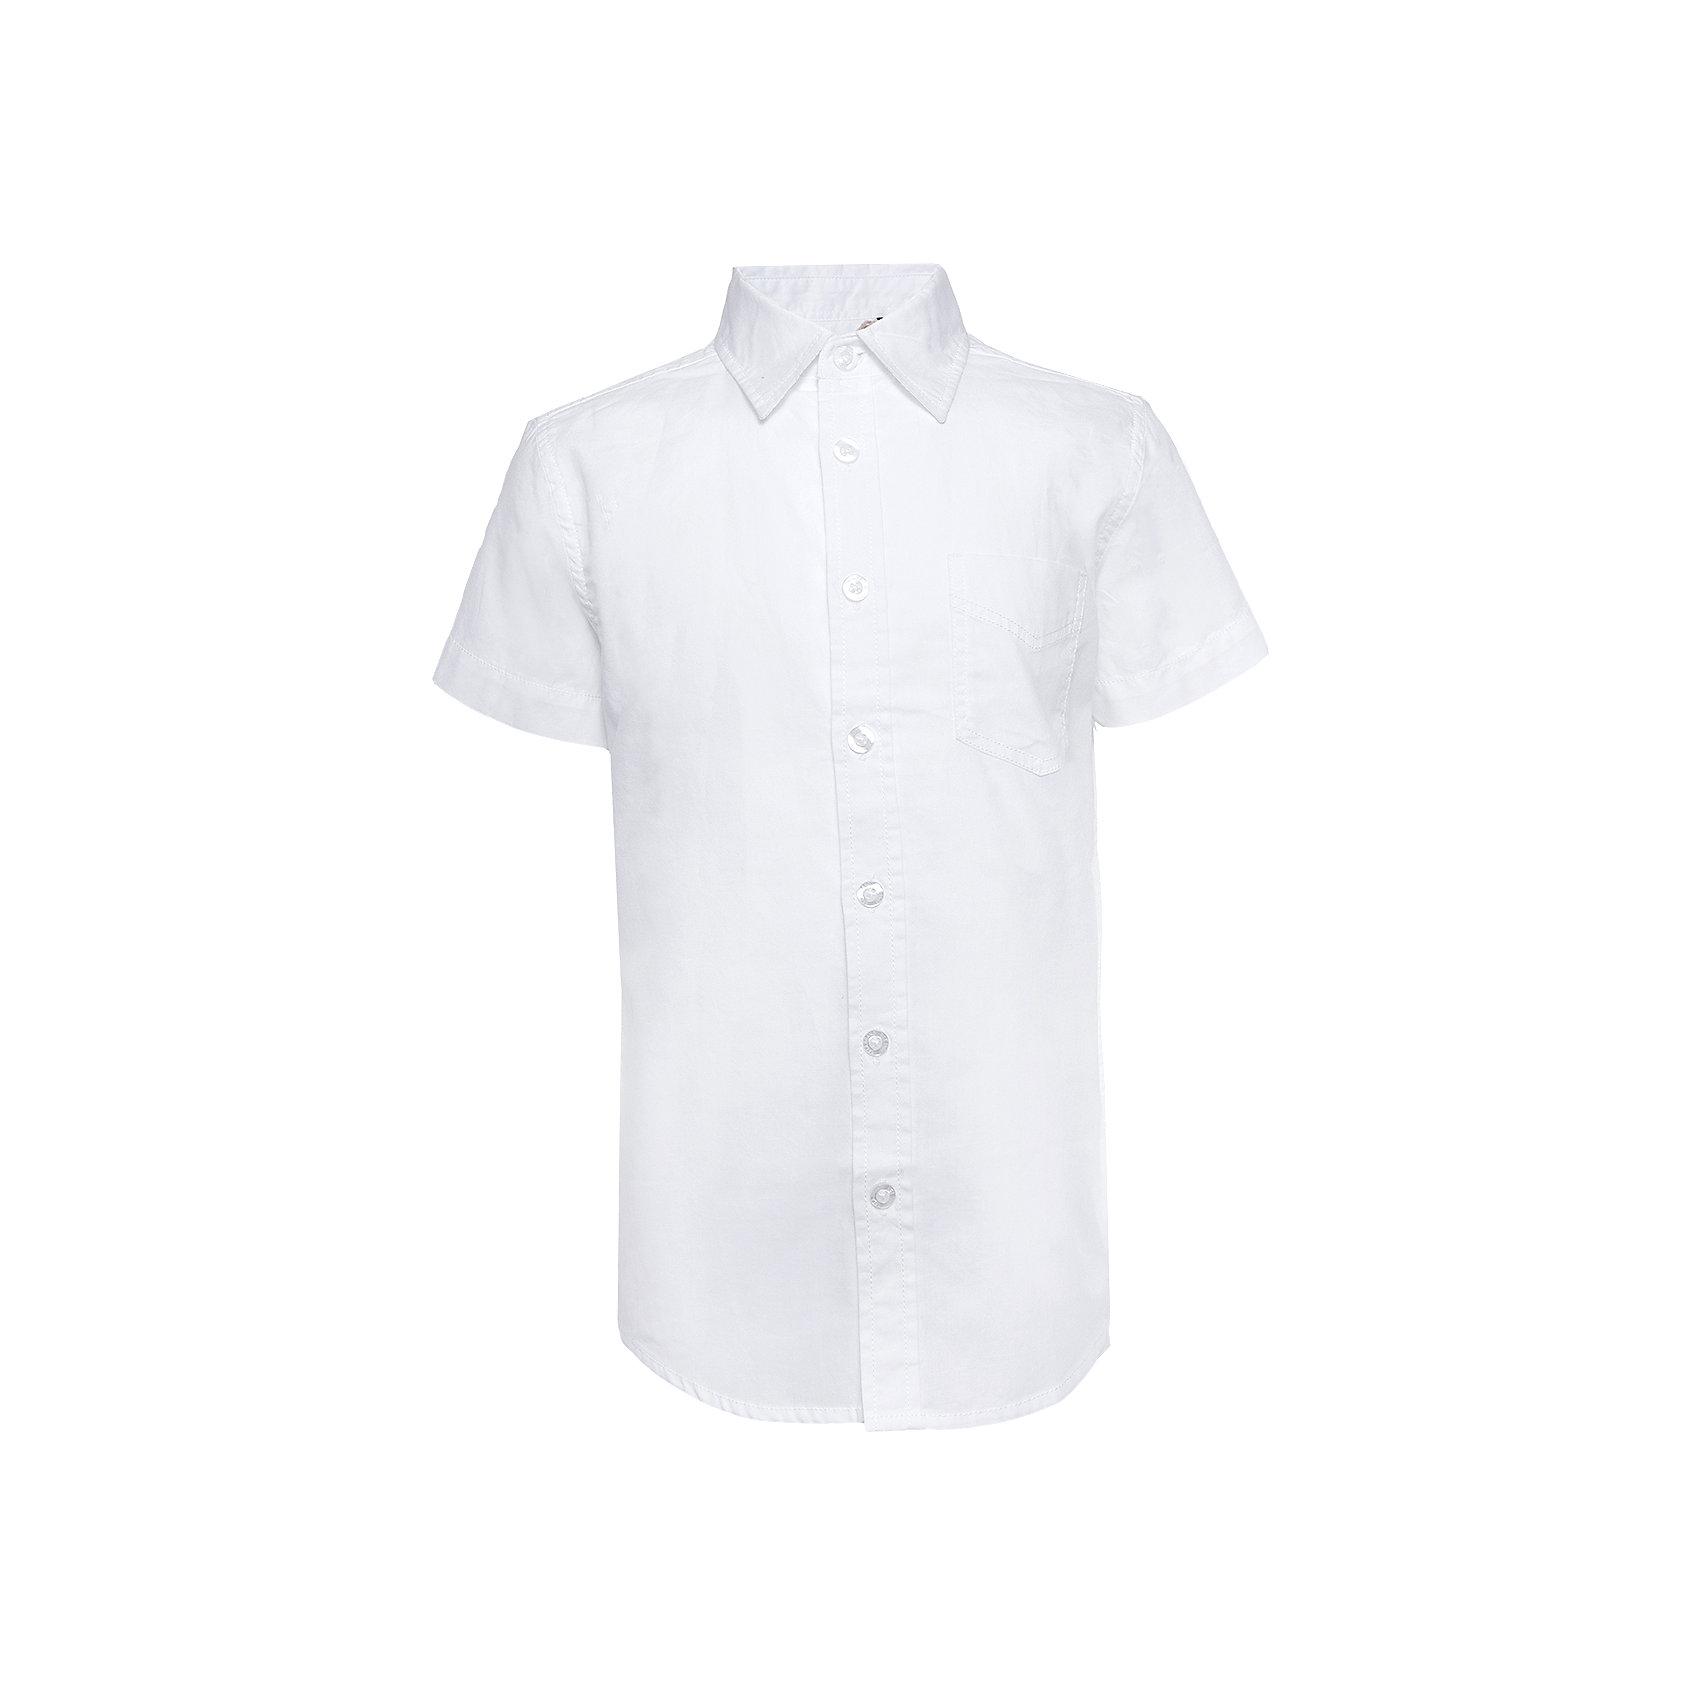 Рубашка для мальчика SELAБлузки и рубашки<br>Рубашка - незаменимая вещь в гардеробе школьников. Эта модель отлично сидит на ребенке, она сделана из приятного на ощупь материала, мягкая и дышащая. Натуральный хлопок в составе ткани не вызывает аллергии и обеспечивает ребенку комфорт. Модель станет отличной базовой вещью, которая будет уместна в различных сочетаниях.<br>Одежда от бренда Sela (Села) - это качество по приемлемым ценам. Многие российские родители уже оценили преимущества продукции этой компании и всё чаще приобретают одежду и аксессуары Sela.<br><br>Дополнительная информация:<br><br>материал: 100 % хлопок;<br>рукава короткие;<br>застежки - пуговицы.<br><br>Рубашку для мальчика от бренда Sela можно купить в нашем интернет-магазине.<br><br>Ширина мм: 174<br>Глубина мм: 10<br>Высота мм: 169<br>Вес г: 157<br>Цвет: белый<br>Возраст от месяцев: 120<br>Возраст до месяцев: 132<br>Пол: Мужской<br>Возраст: Детский<br>Размер: 146,152,116,122,128,134,140<br>SKU: 4883541